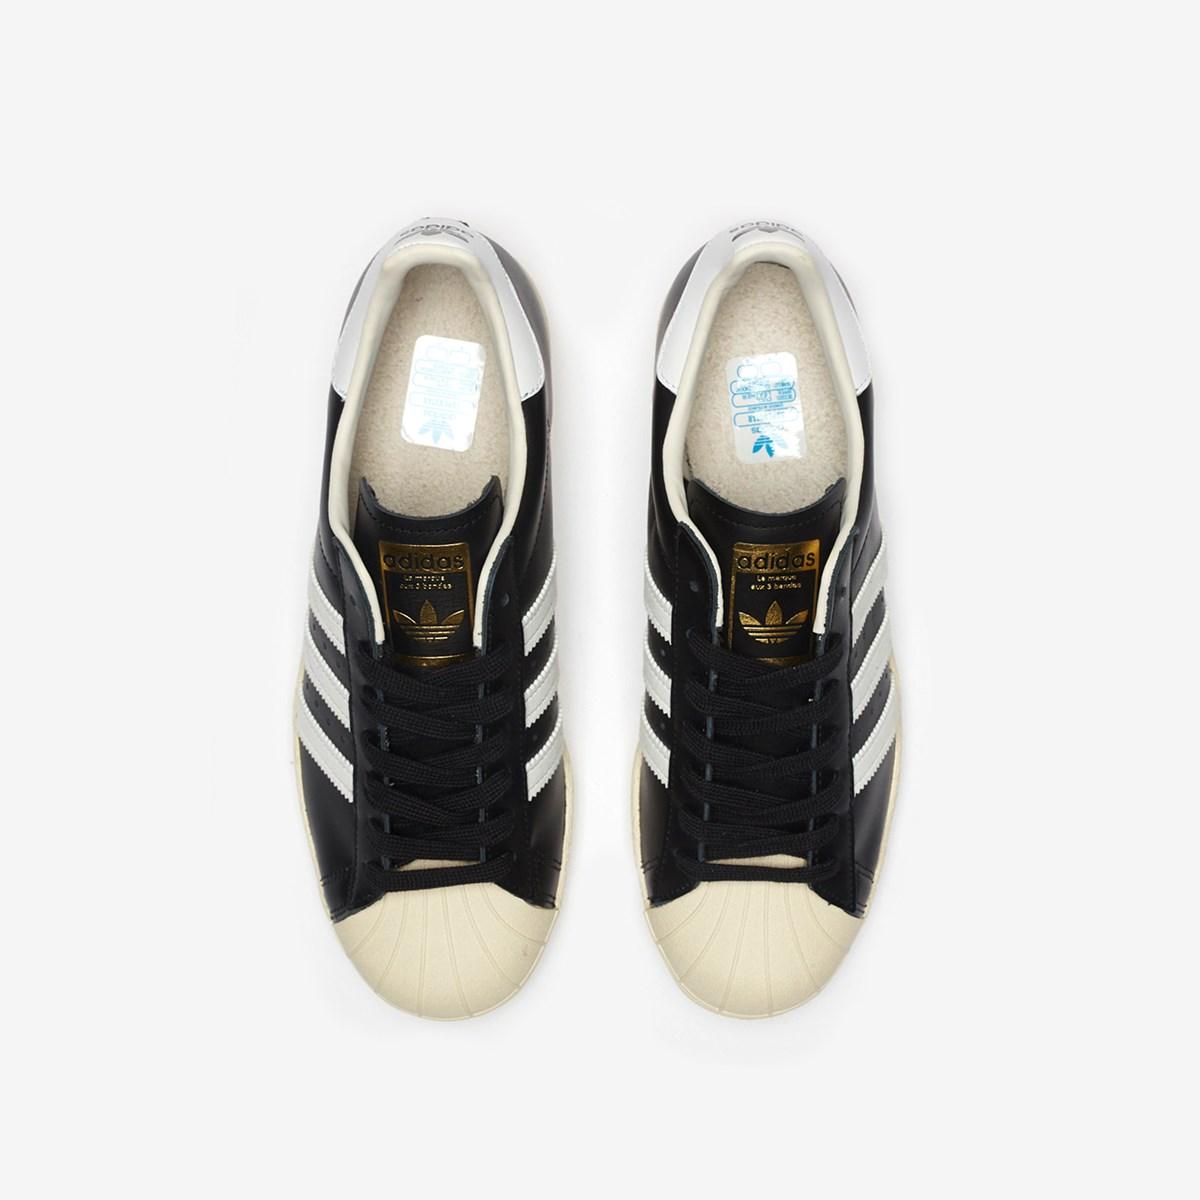 adidas Superstar 80s - G61069 - SNS | sneakers & streetwear ...